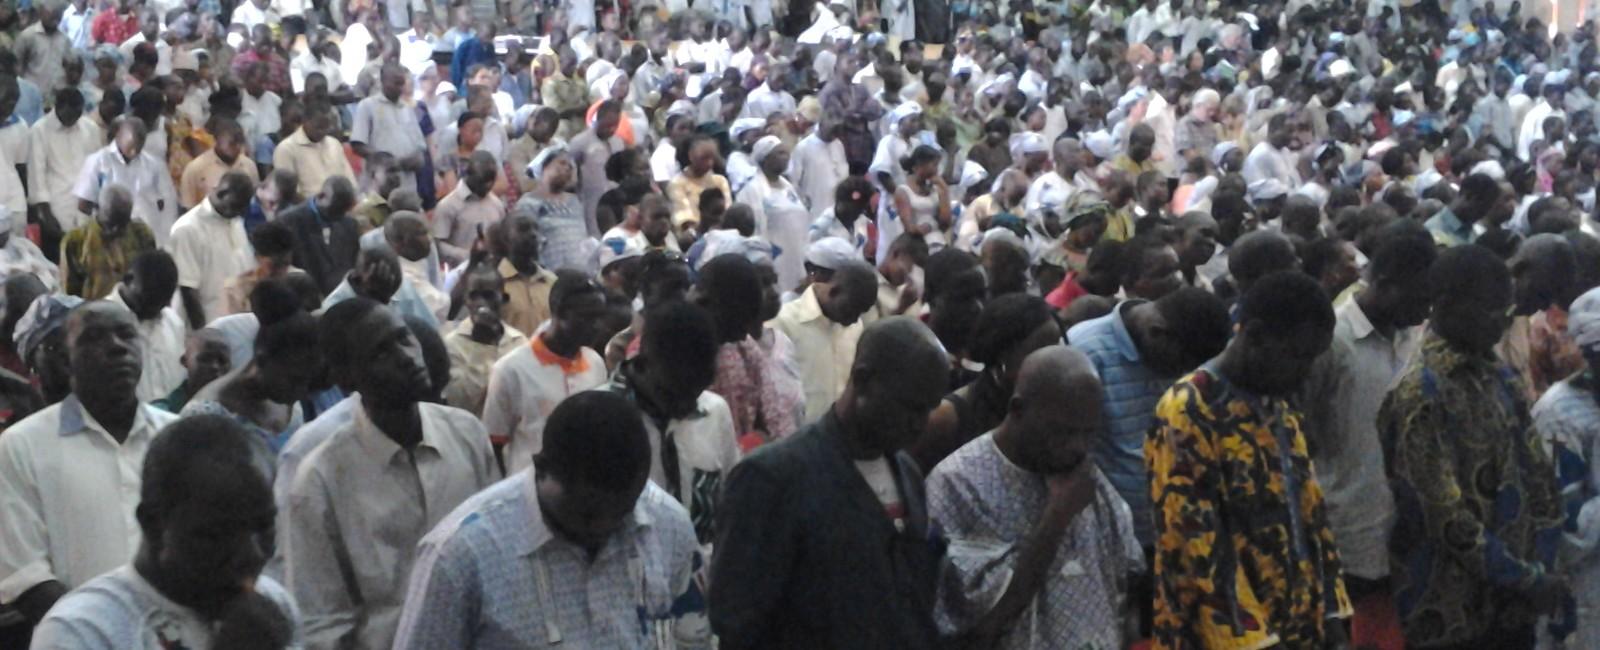 Prier pour la paix et l'unité au Mali.